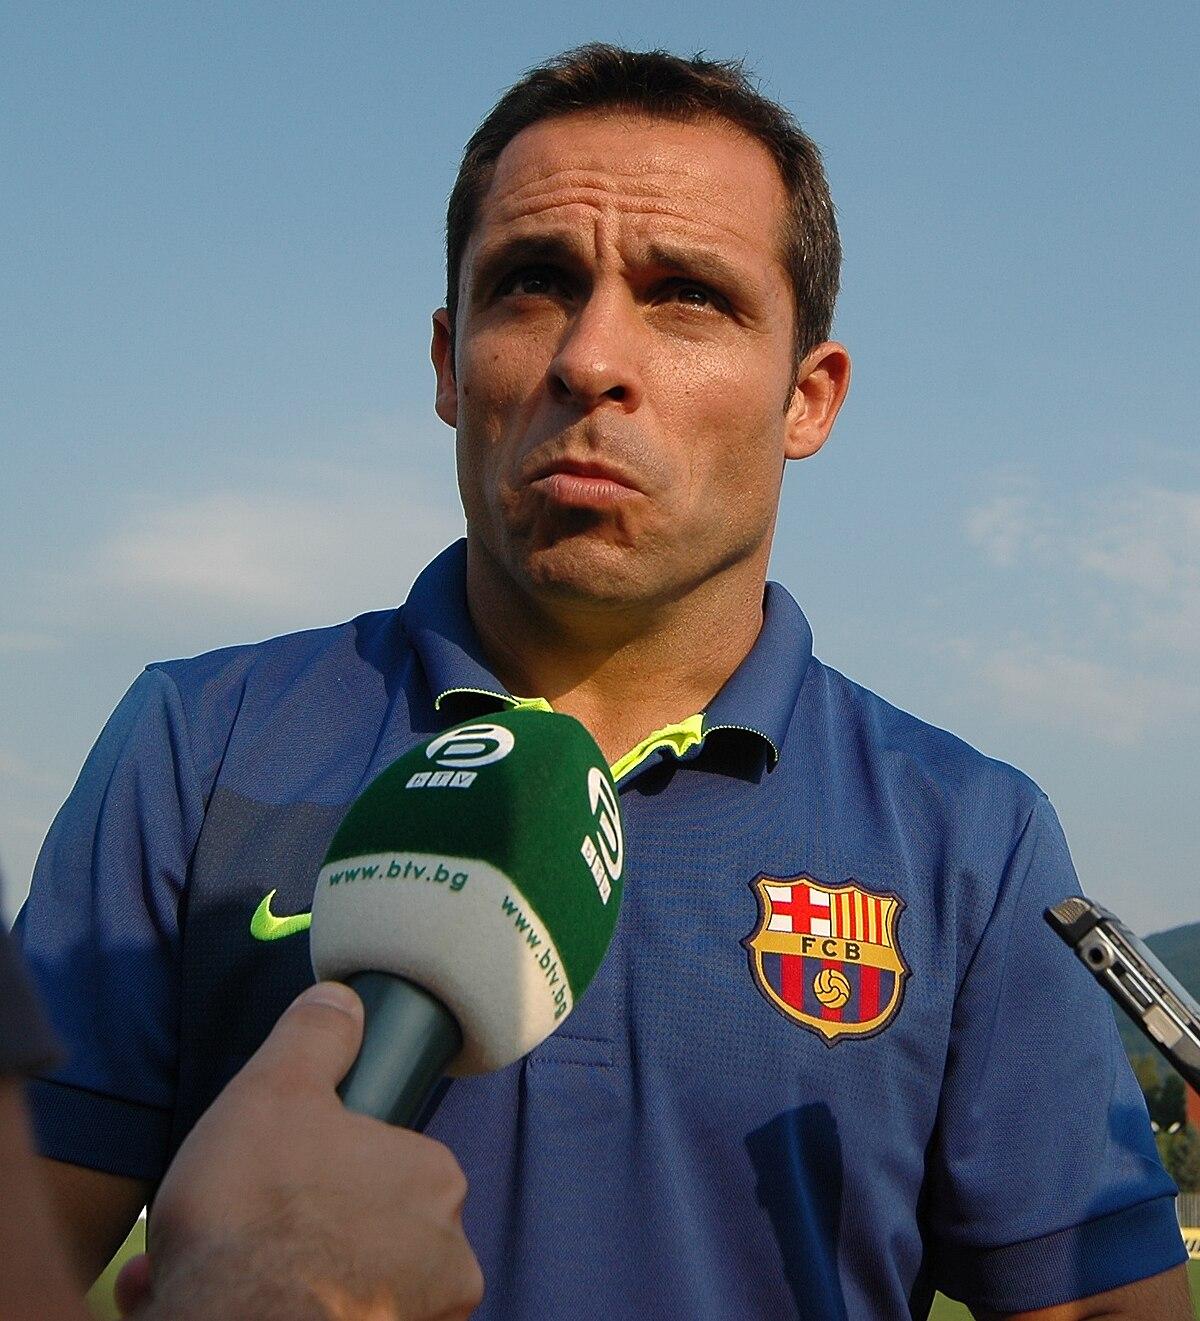 Sergi Barjuán - Wikipedia